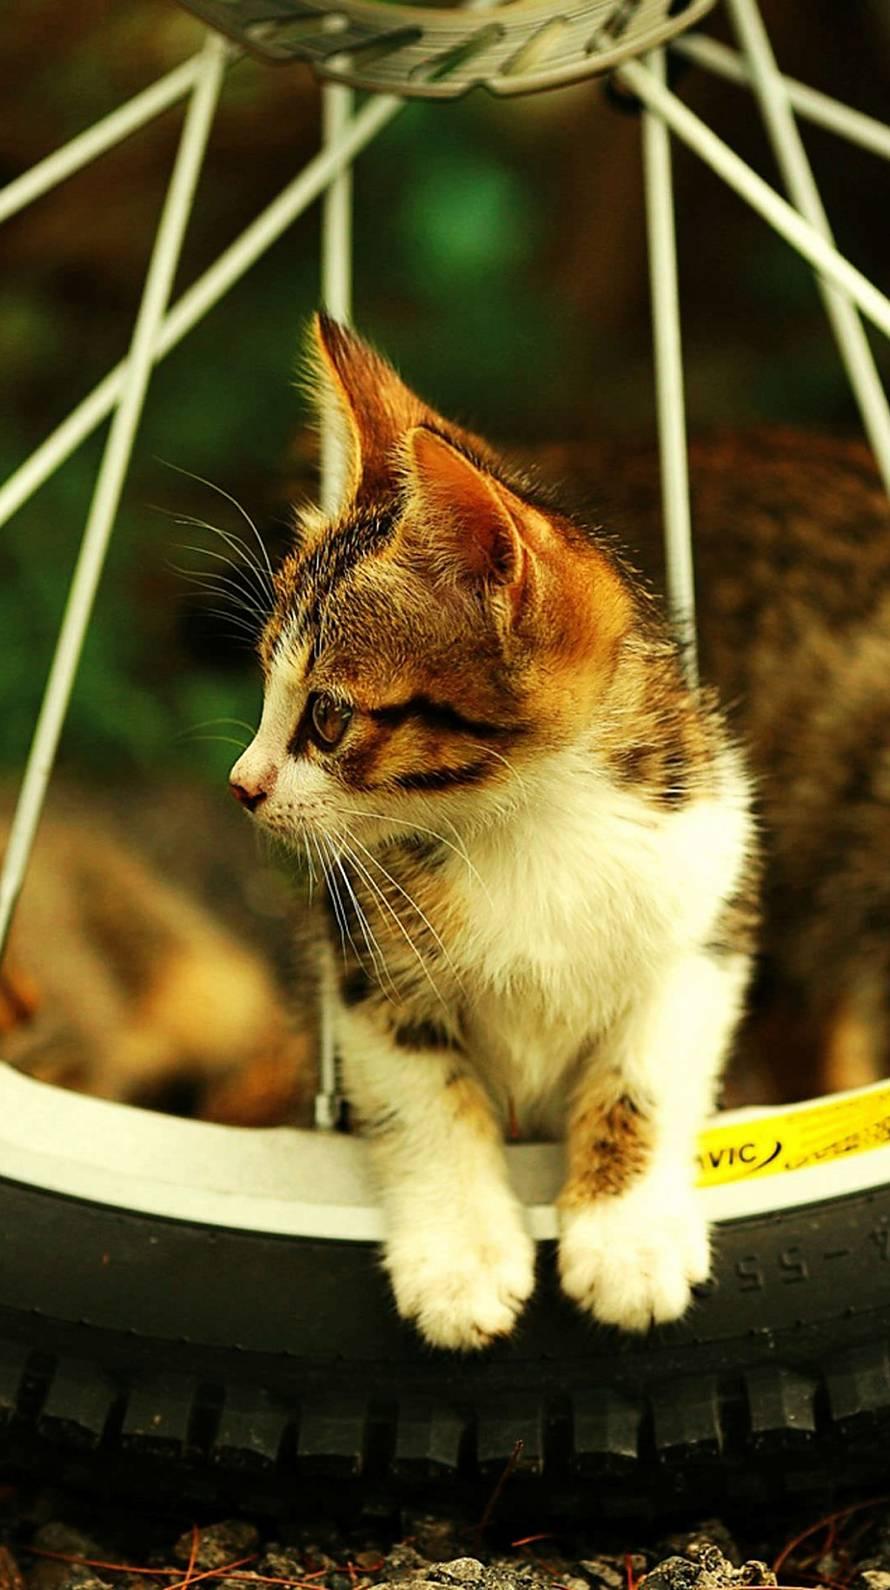 車輪と子猫 iPhone6壁紙